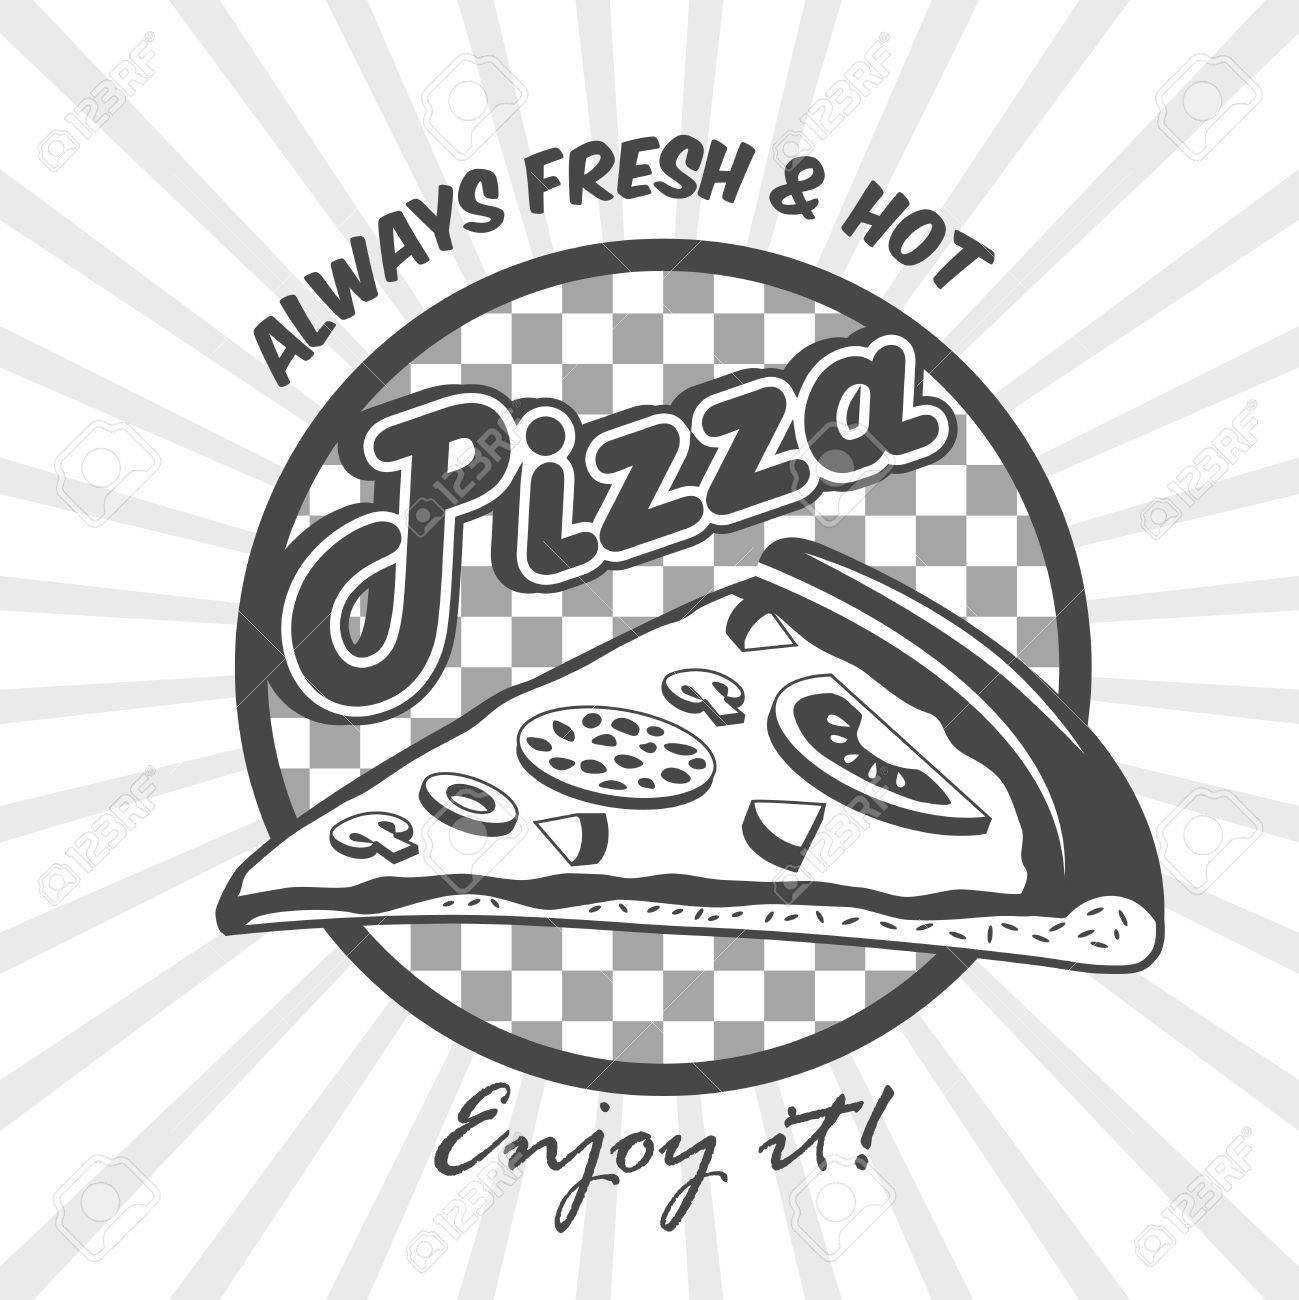 Pizzeria Werbung Frische Heiße Genießen Poster Mit Pizza Scheibe